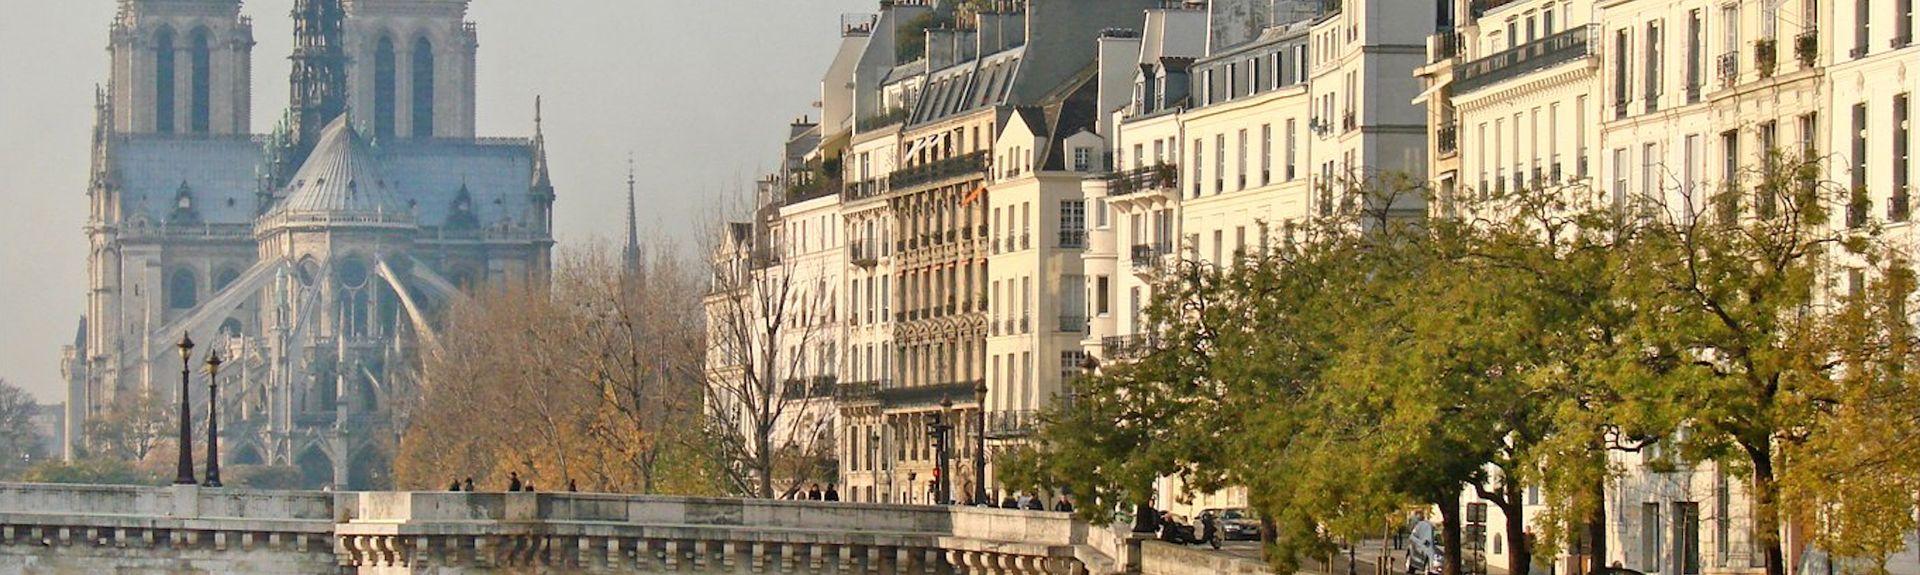 Folie-Méricourt, Paris, France